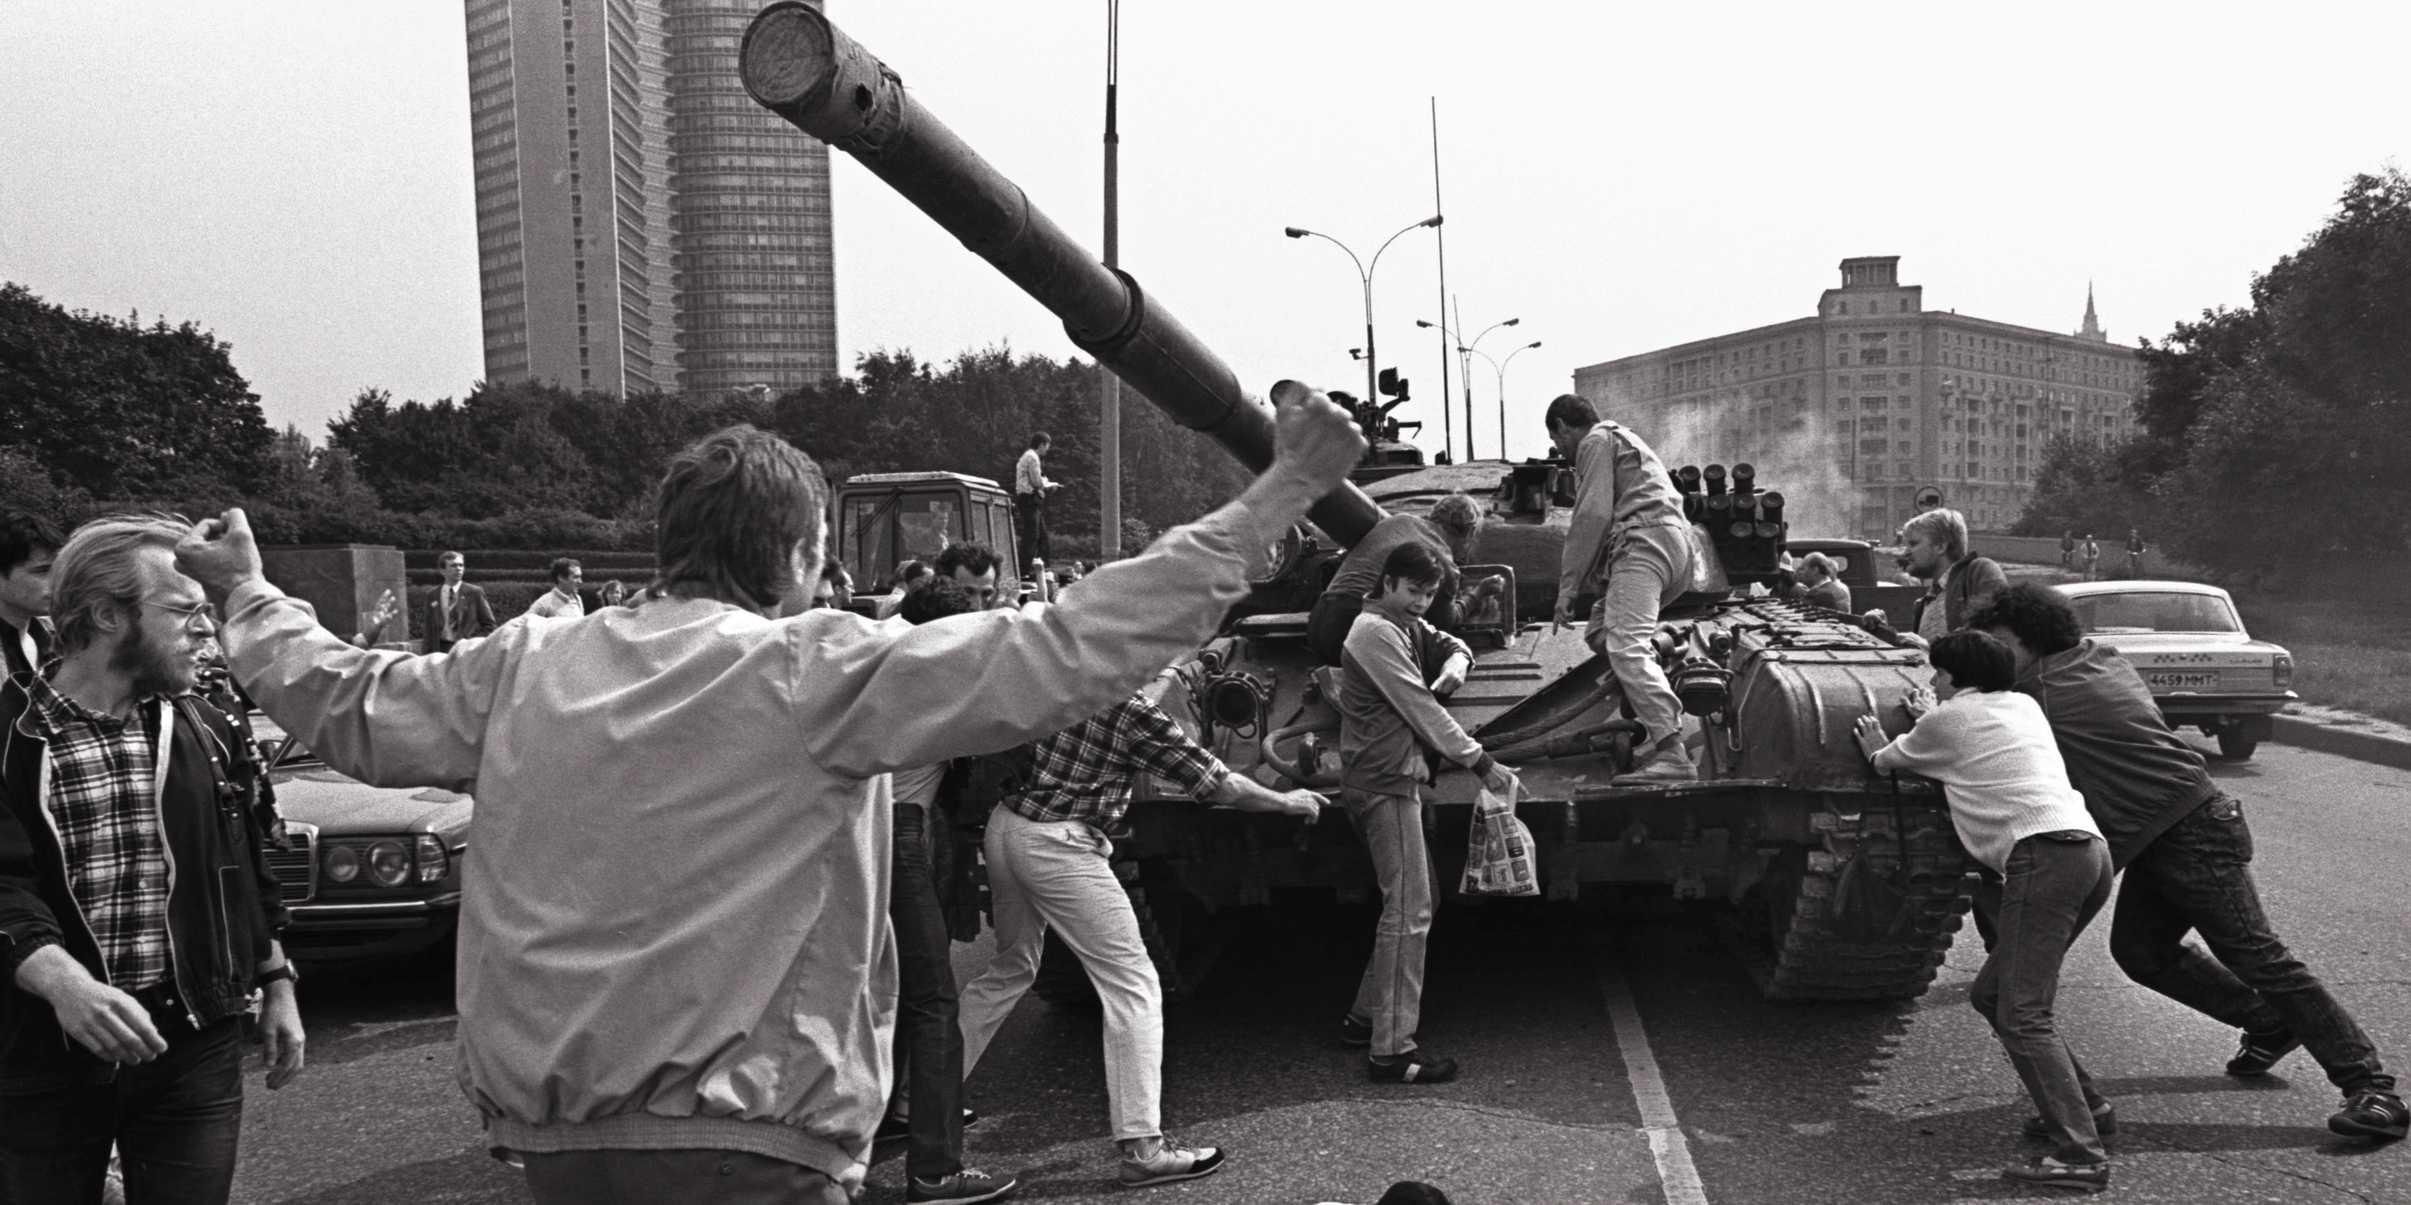 """回顾苏联解体,普京称其为""""本世纪最大的地缘灾难""""插图3-小狮座俄罗斯留学"""